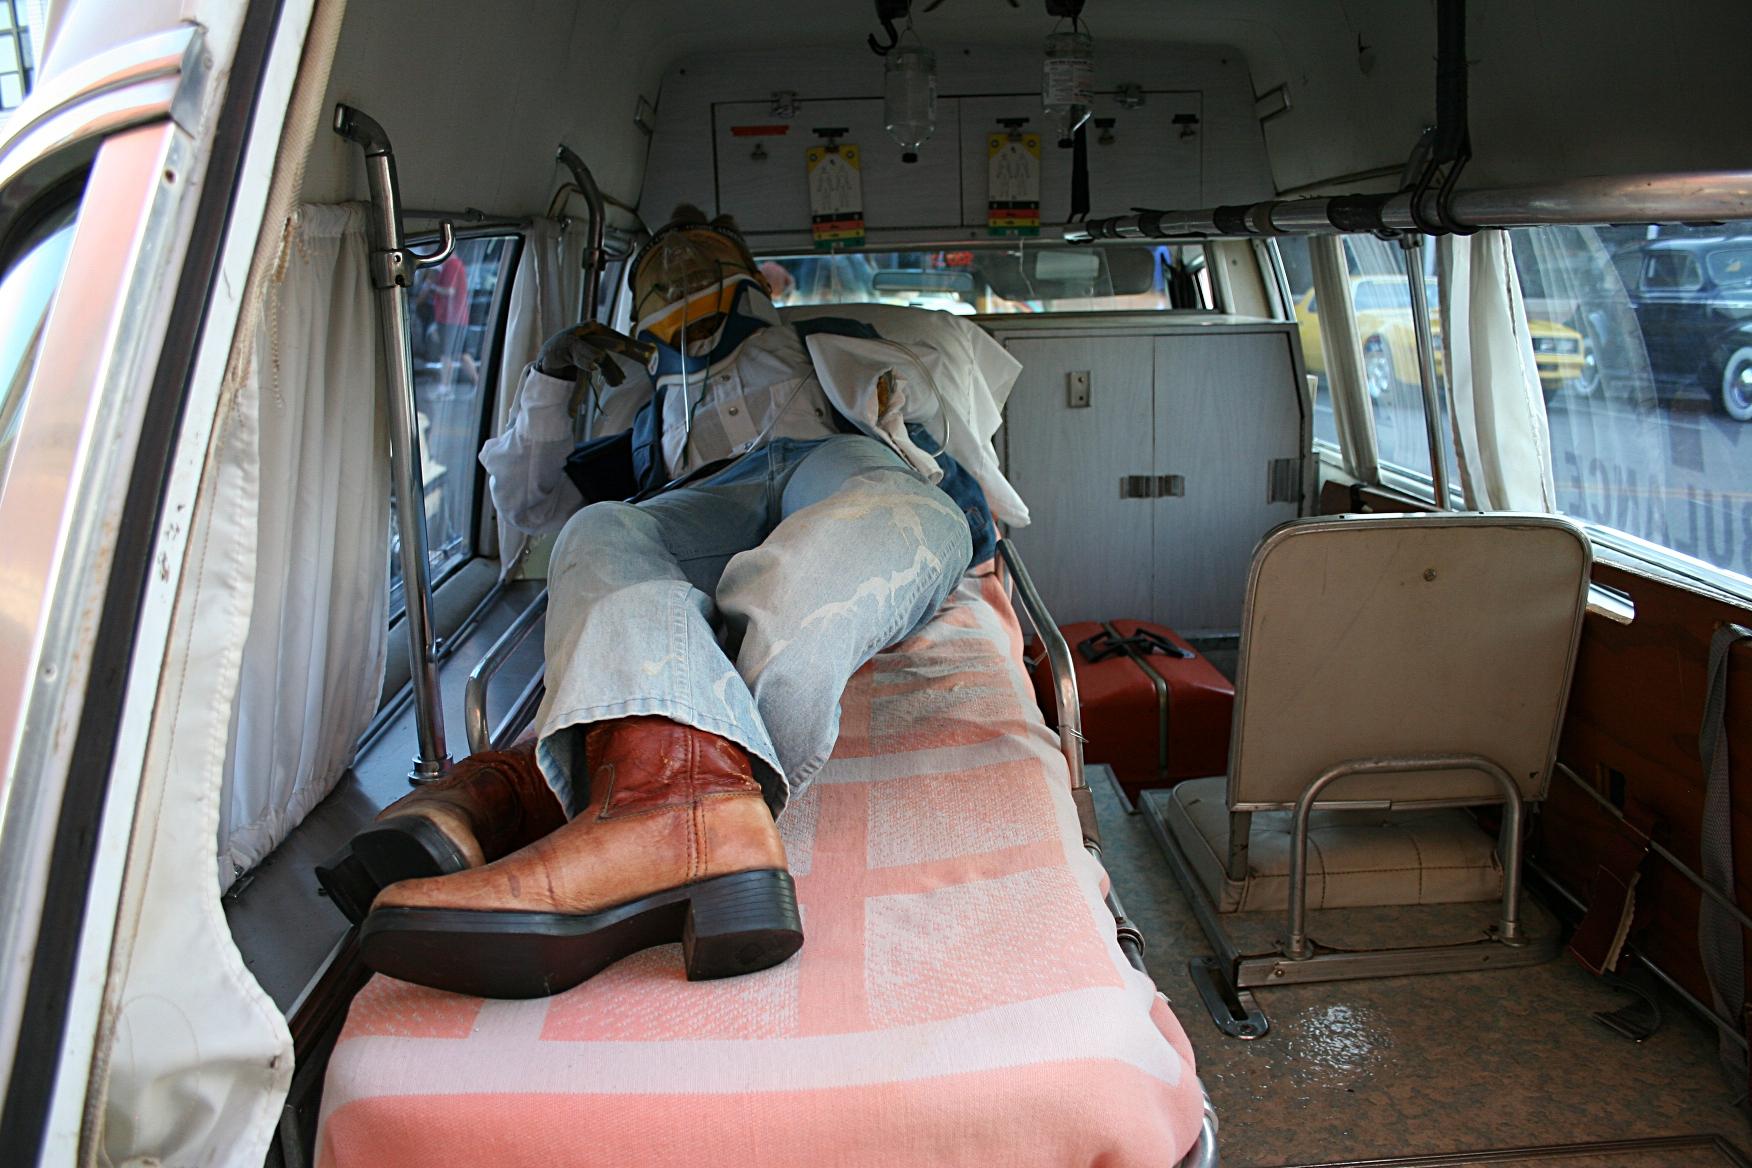 Ambulance insideInside Ambulance Truck